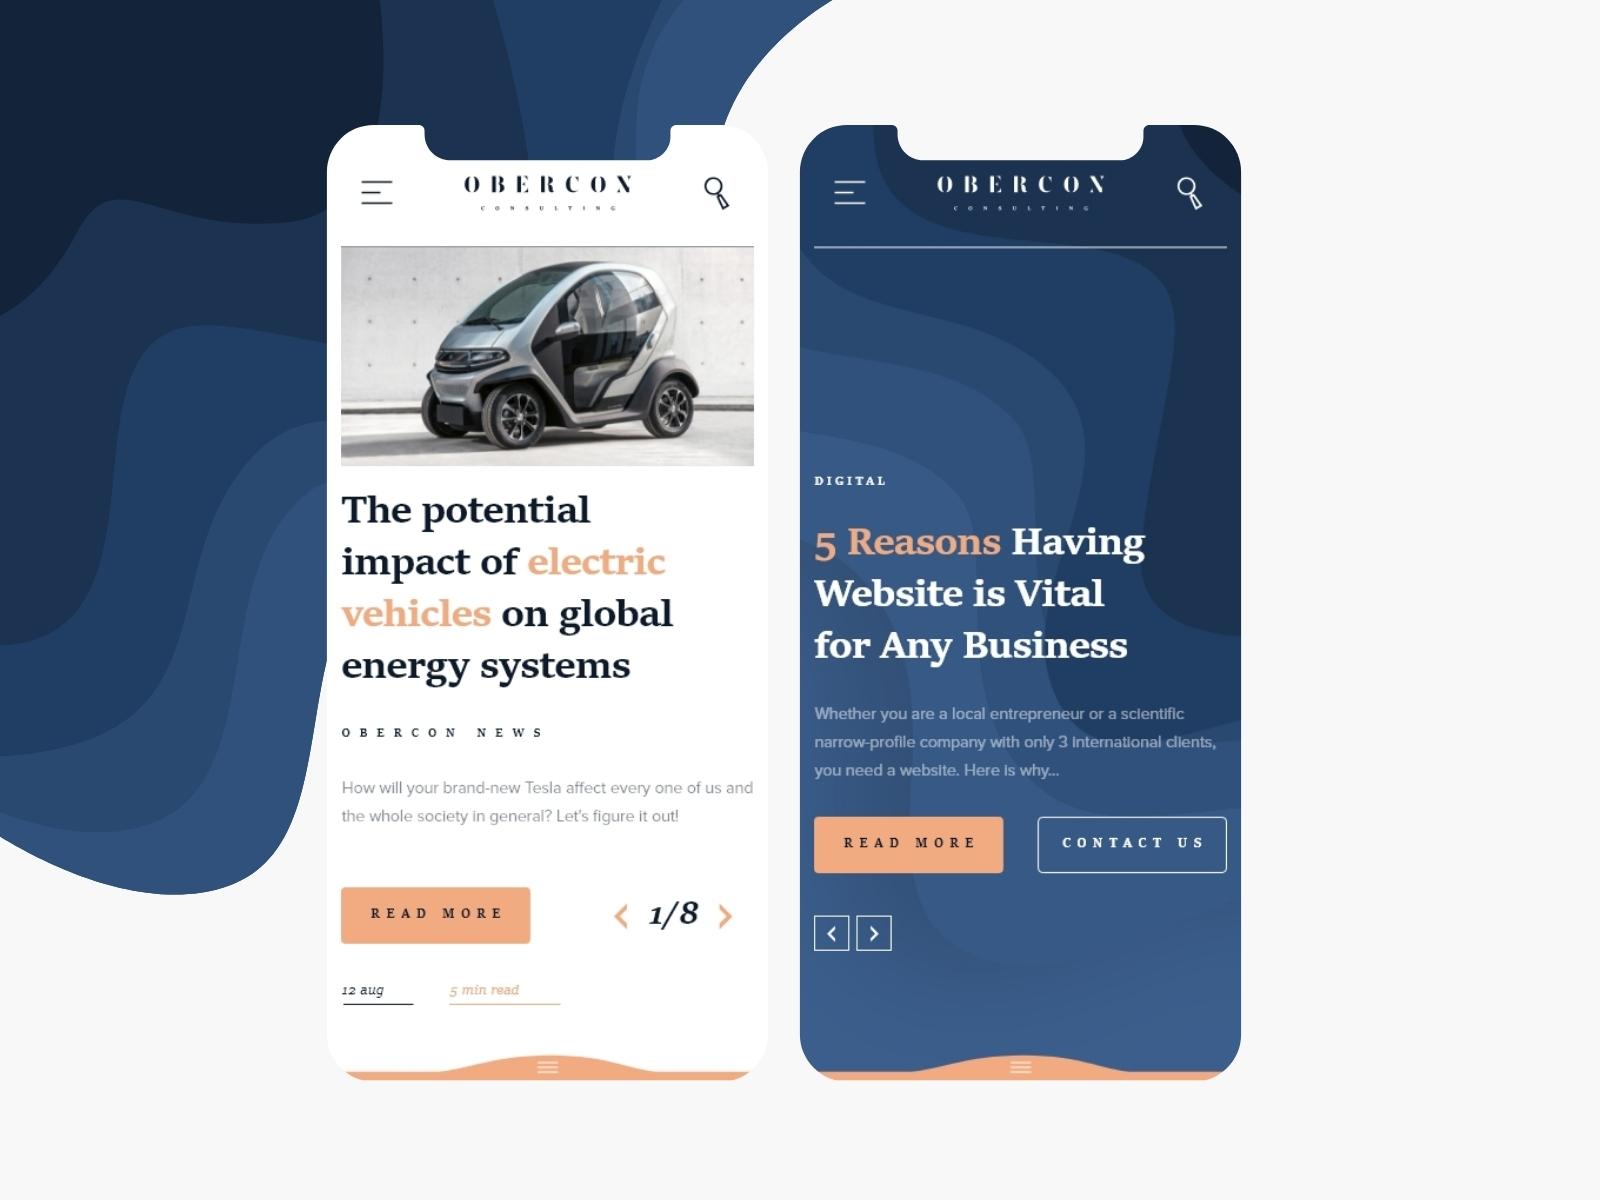 Obercon website otl the future returns